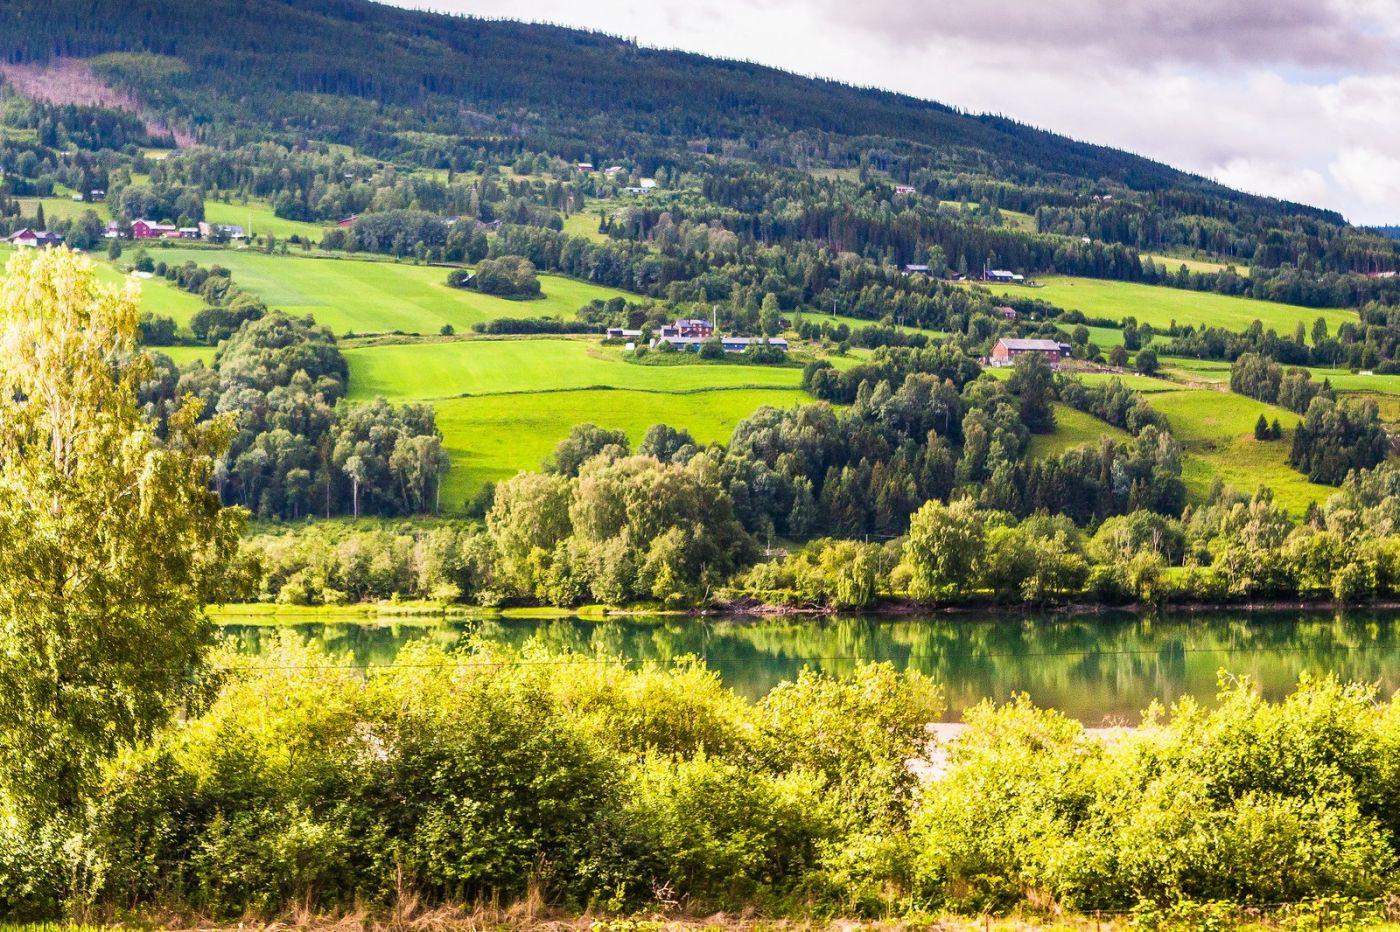 北欧风光,风景美如画_图1-11